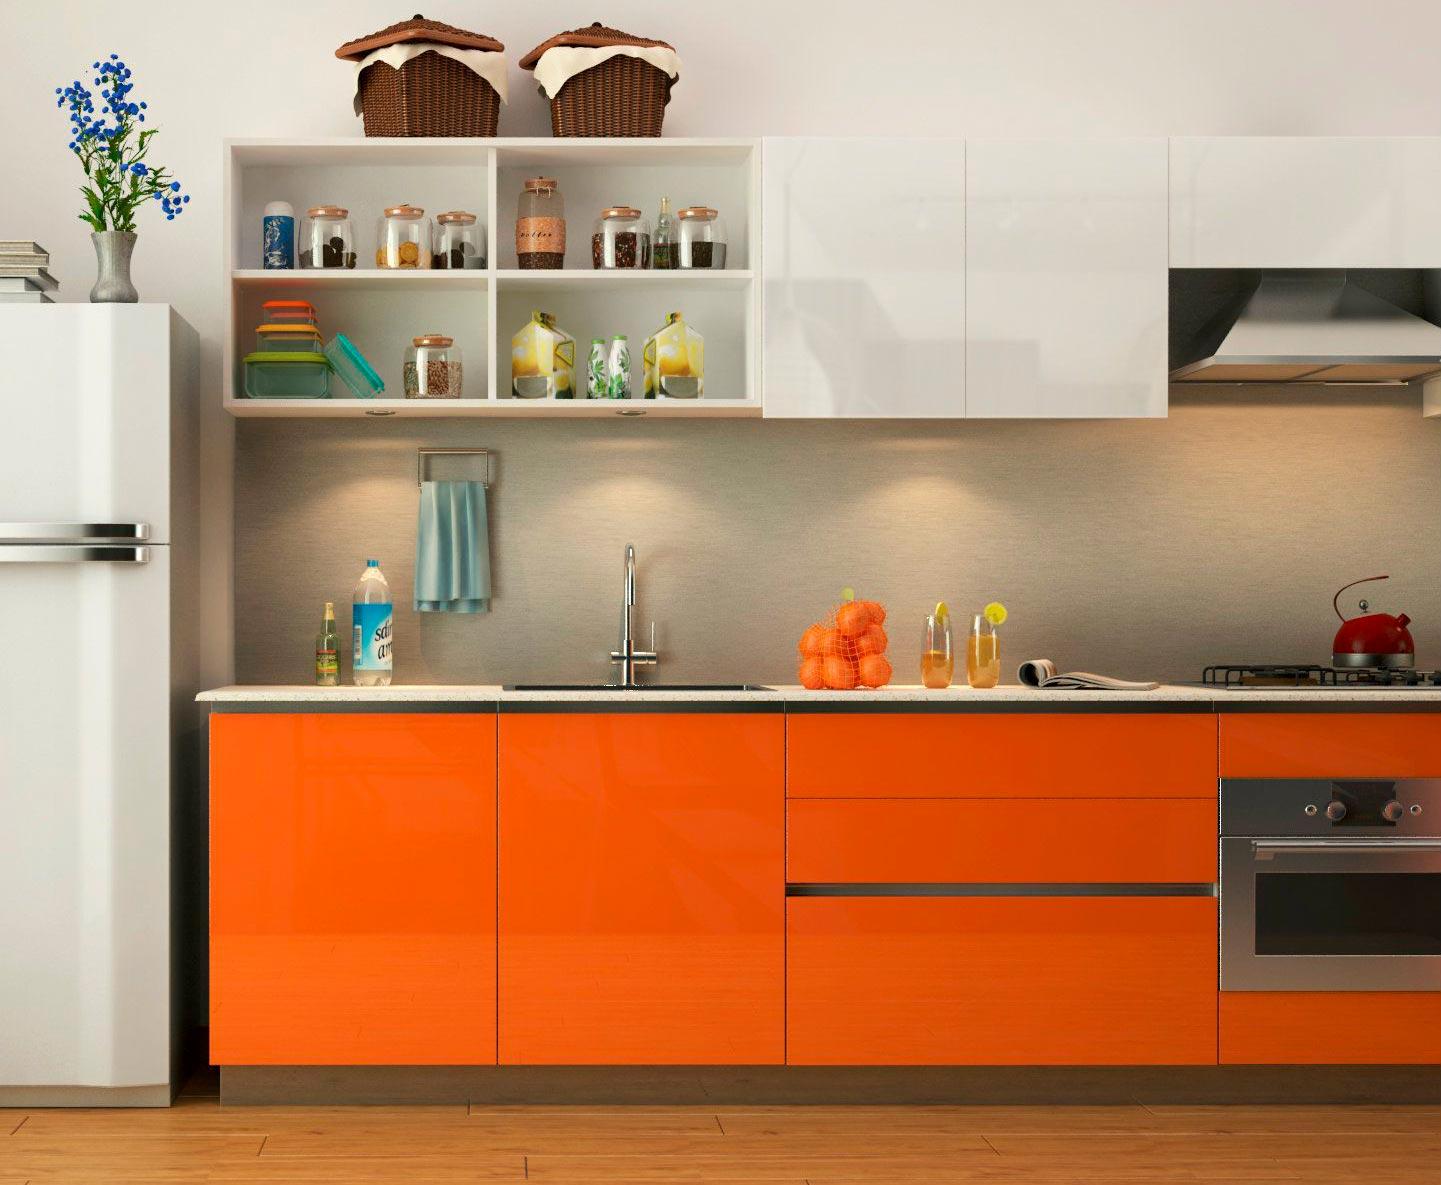 Кухни на заказ в Рязани, недорогие кухни без наценки посредников, производитель кухонь в Рязани